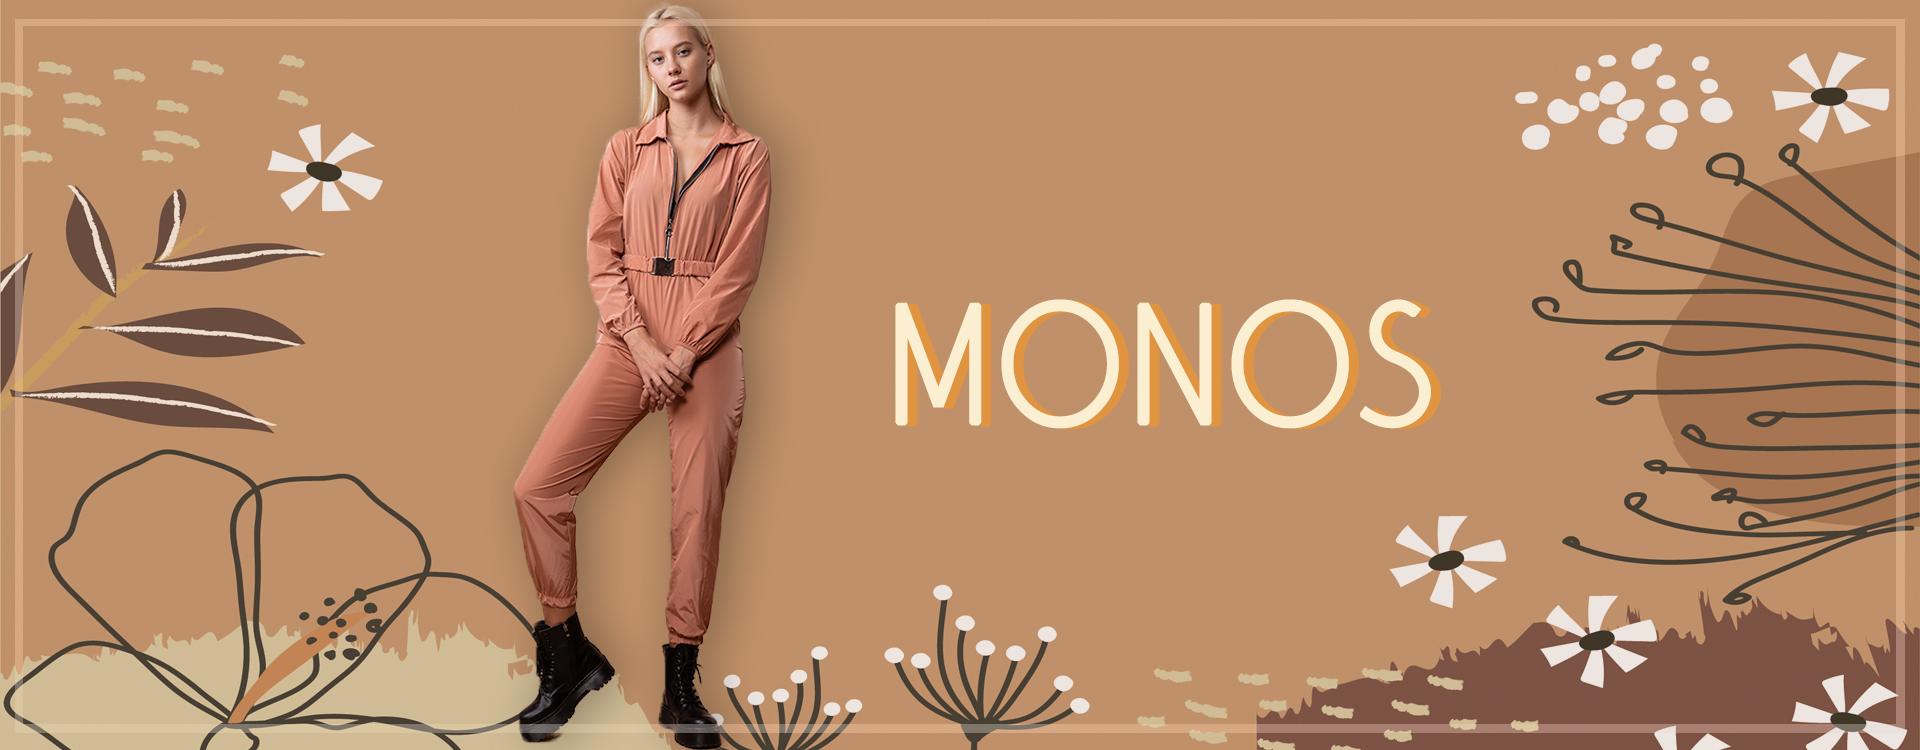 monos_1.jpg